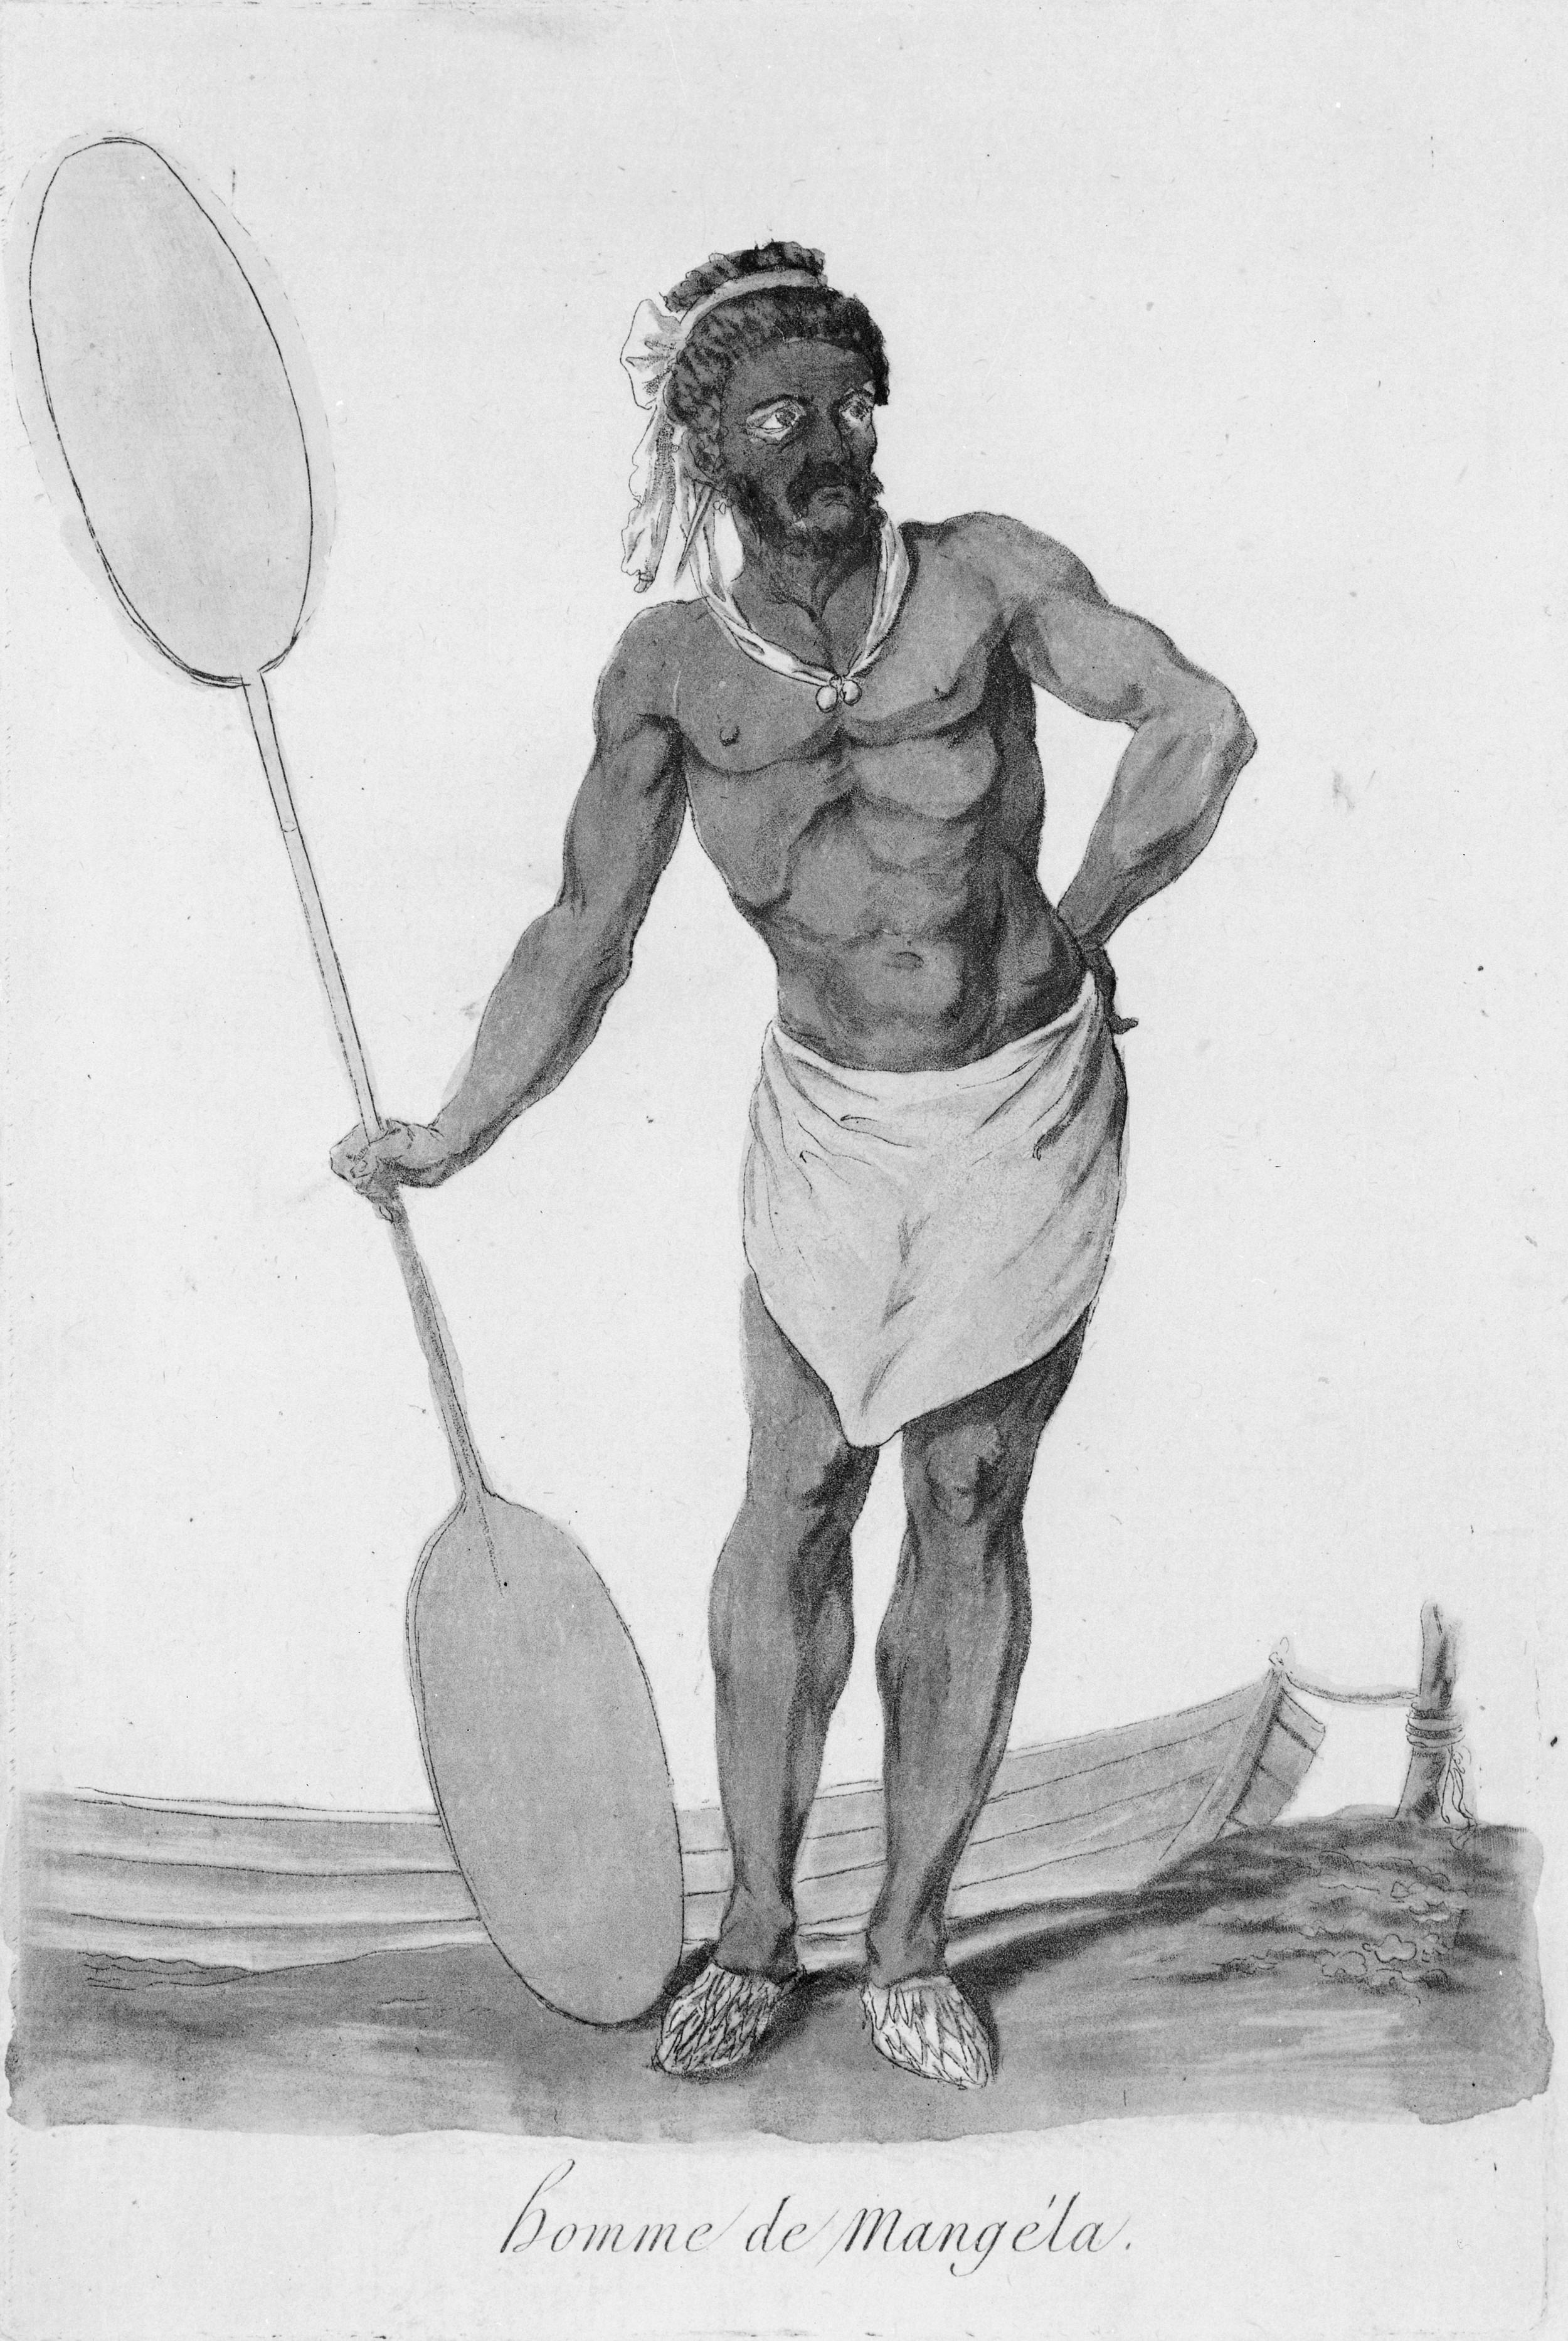 Mangaian Male - 1796 Image Courtesy of Wikipedia